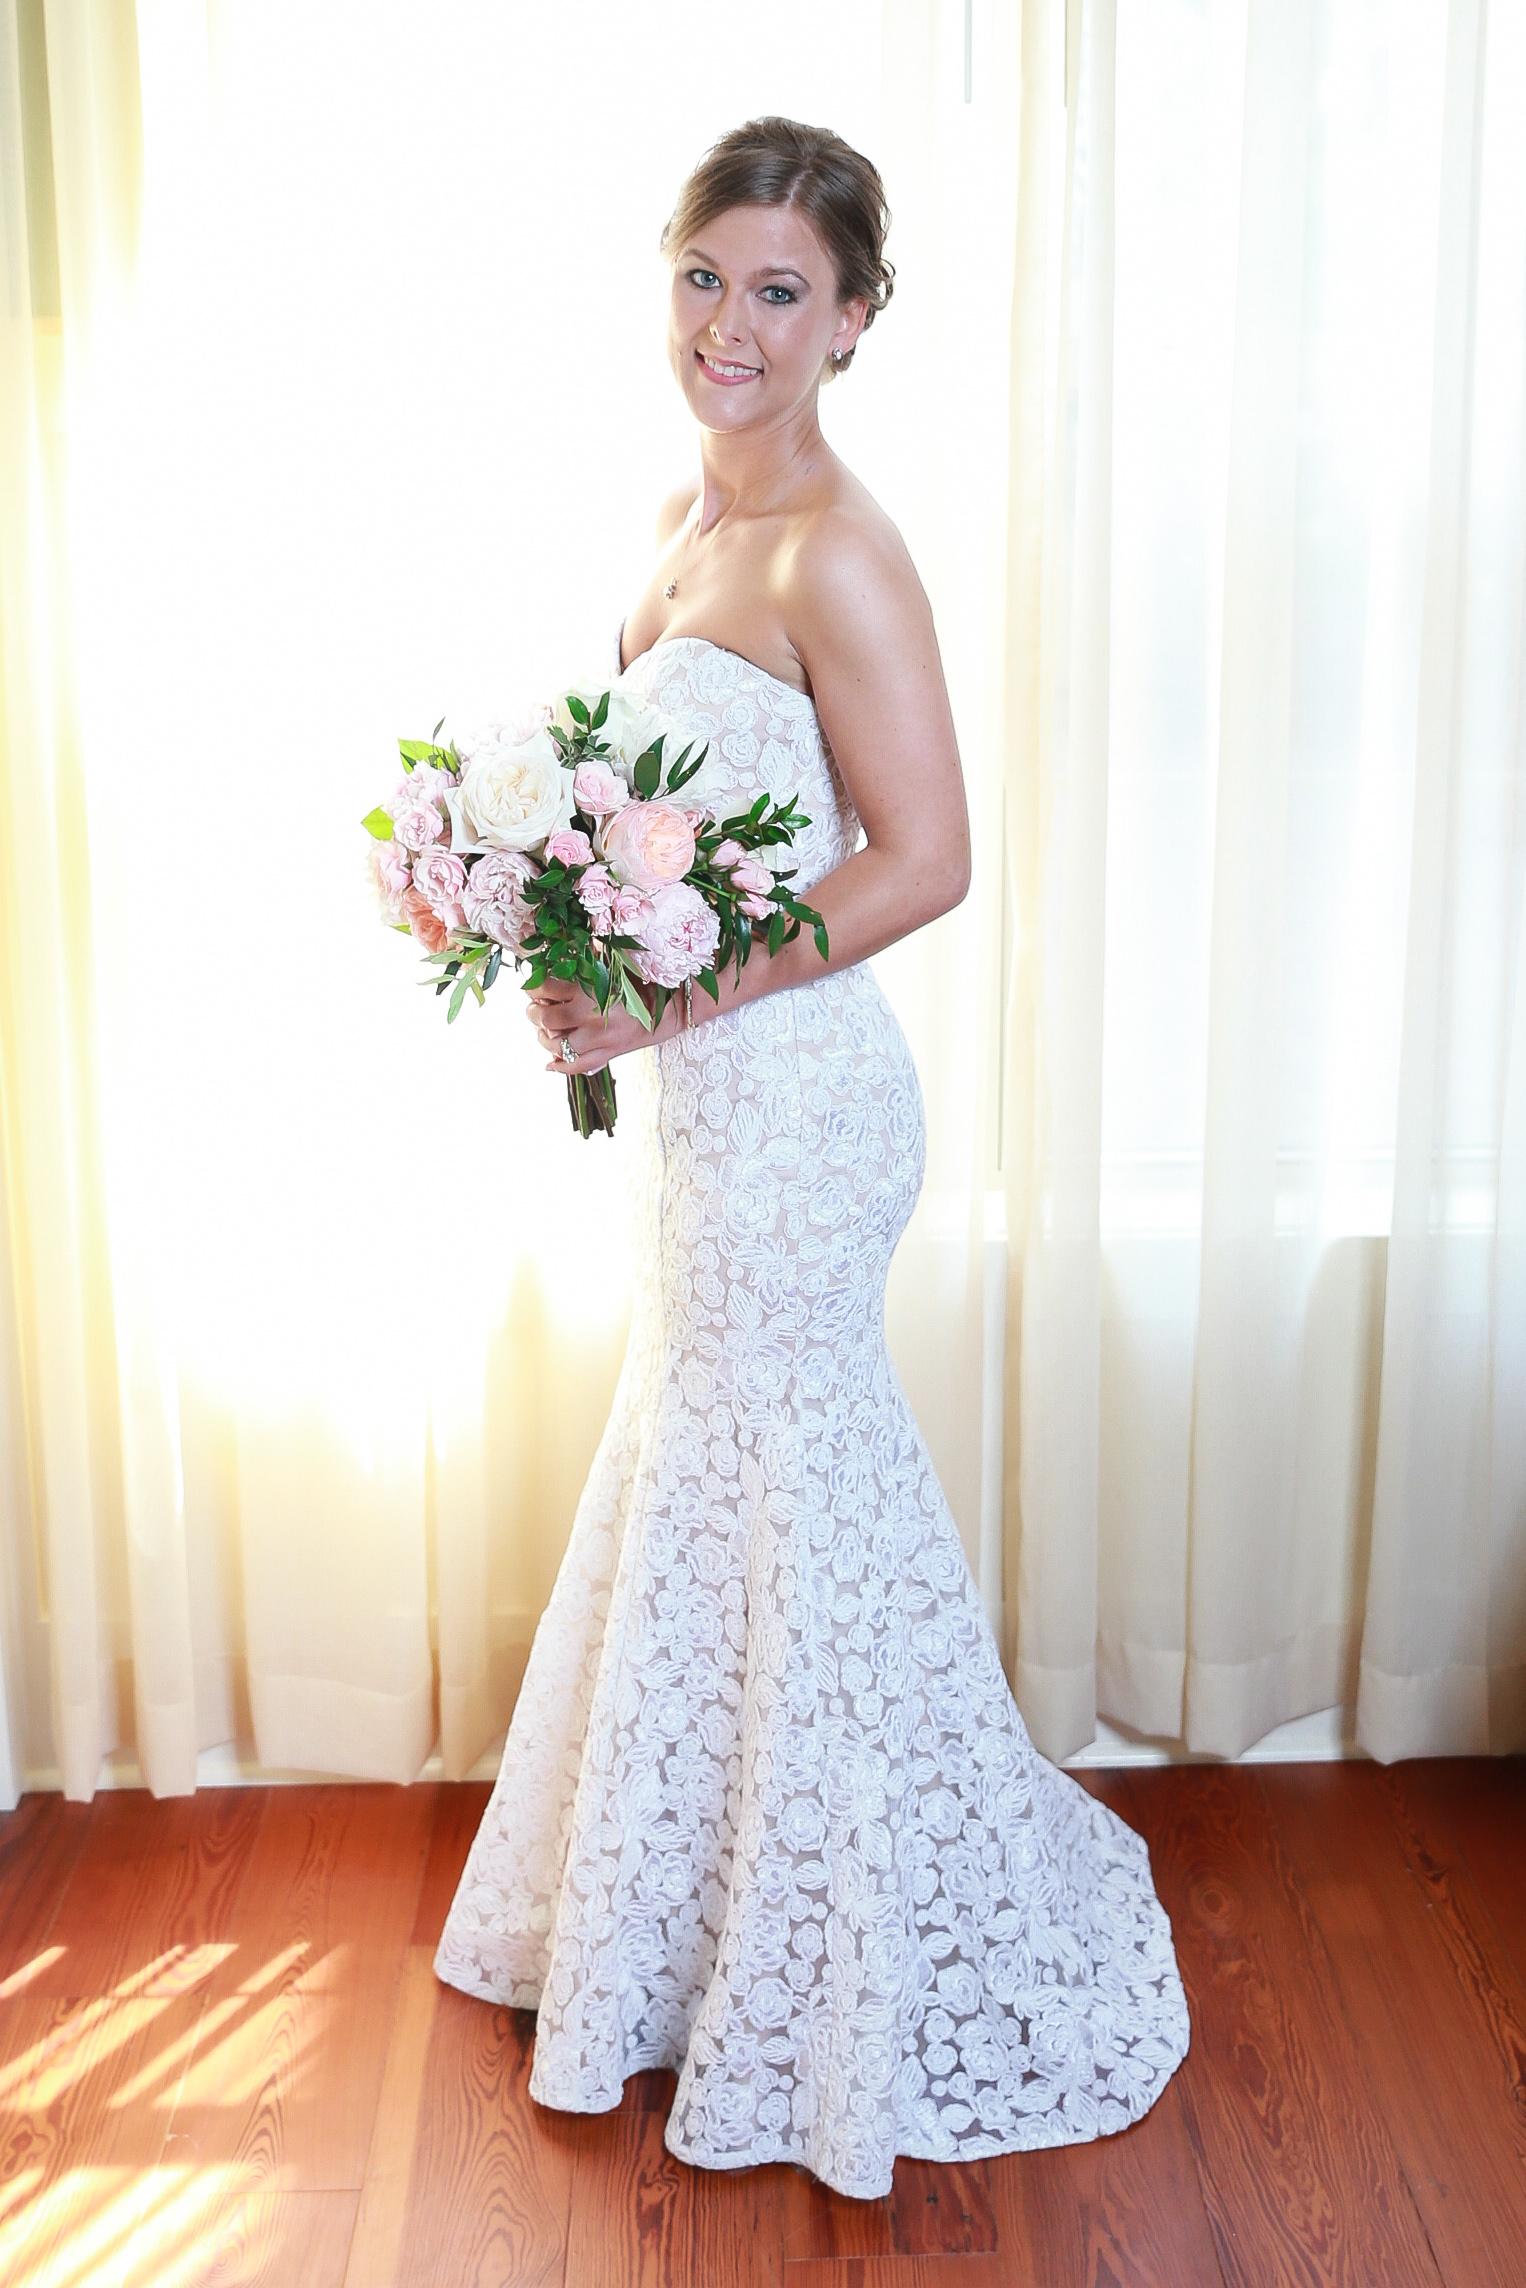 Myrtle Beach Wedding Photographer-34.jpg